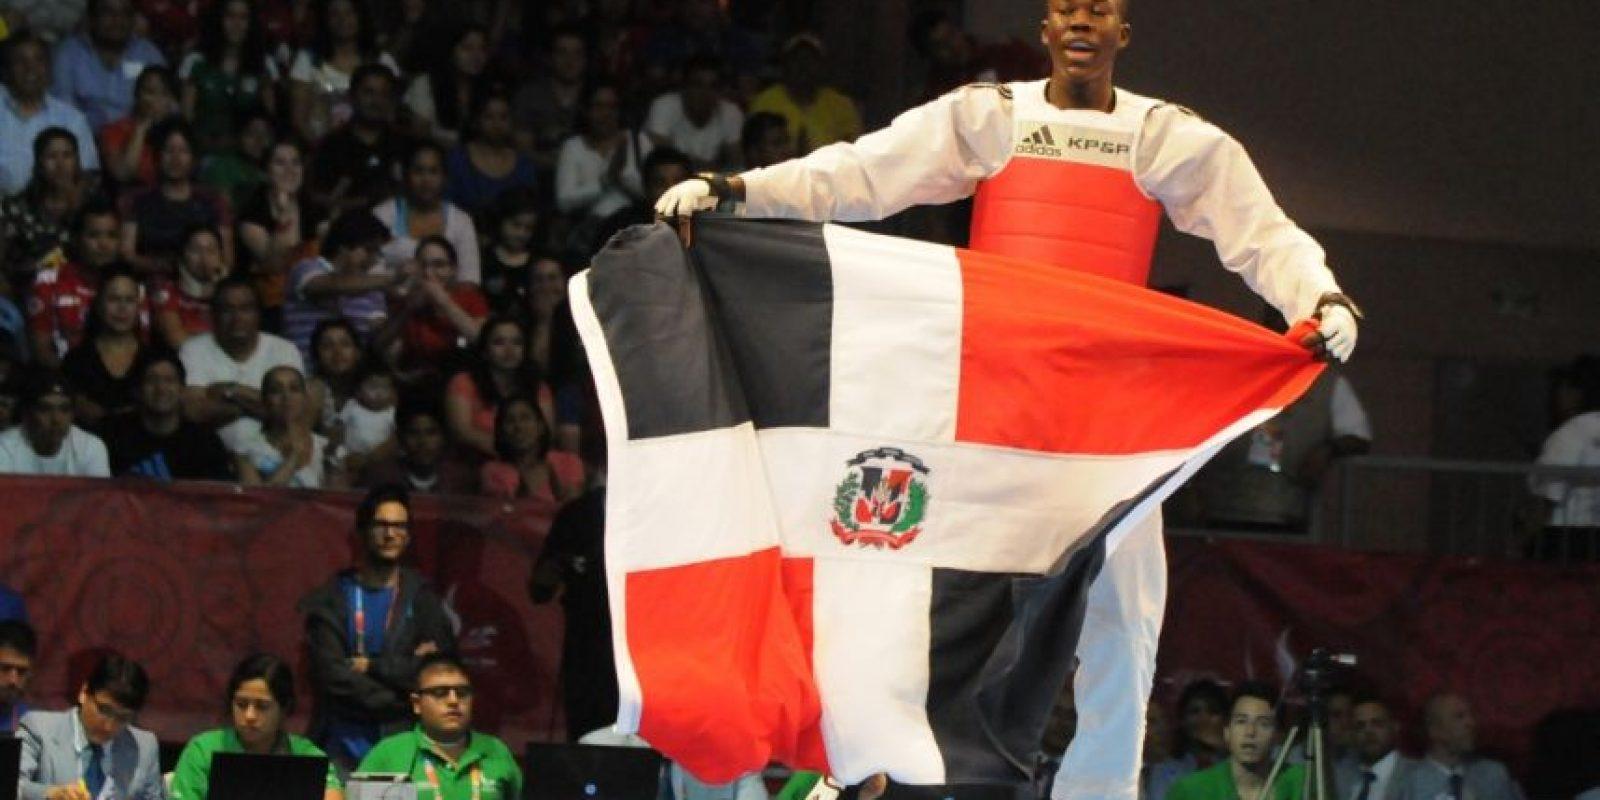 Luis Pie es una promesa dominicana para la cita olímpica. Foto:Mario de Peña